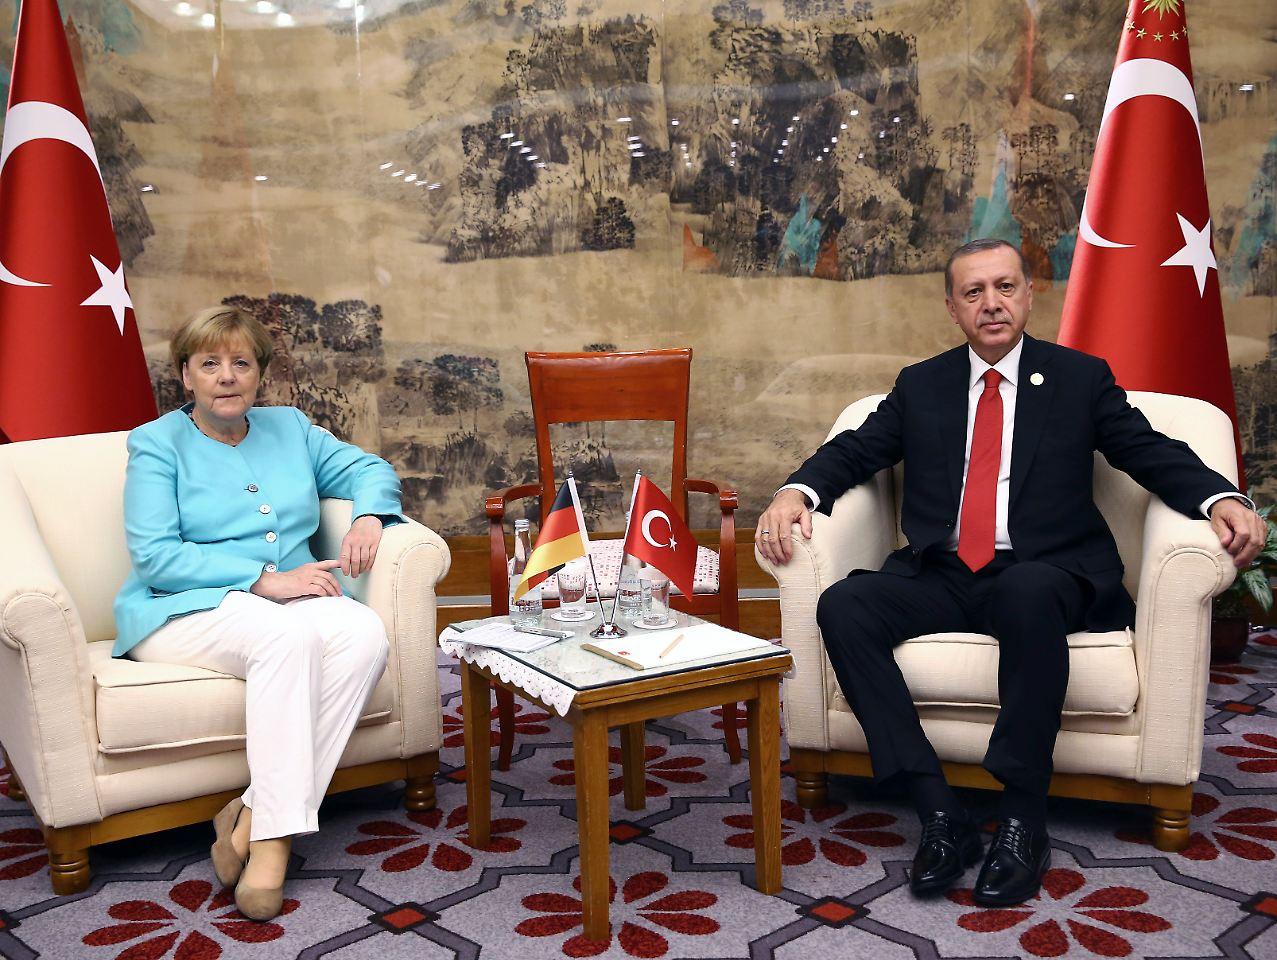 Alman gazeteciden Merkel'e Erdoğan sorusu